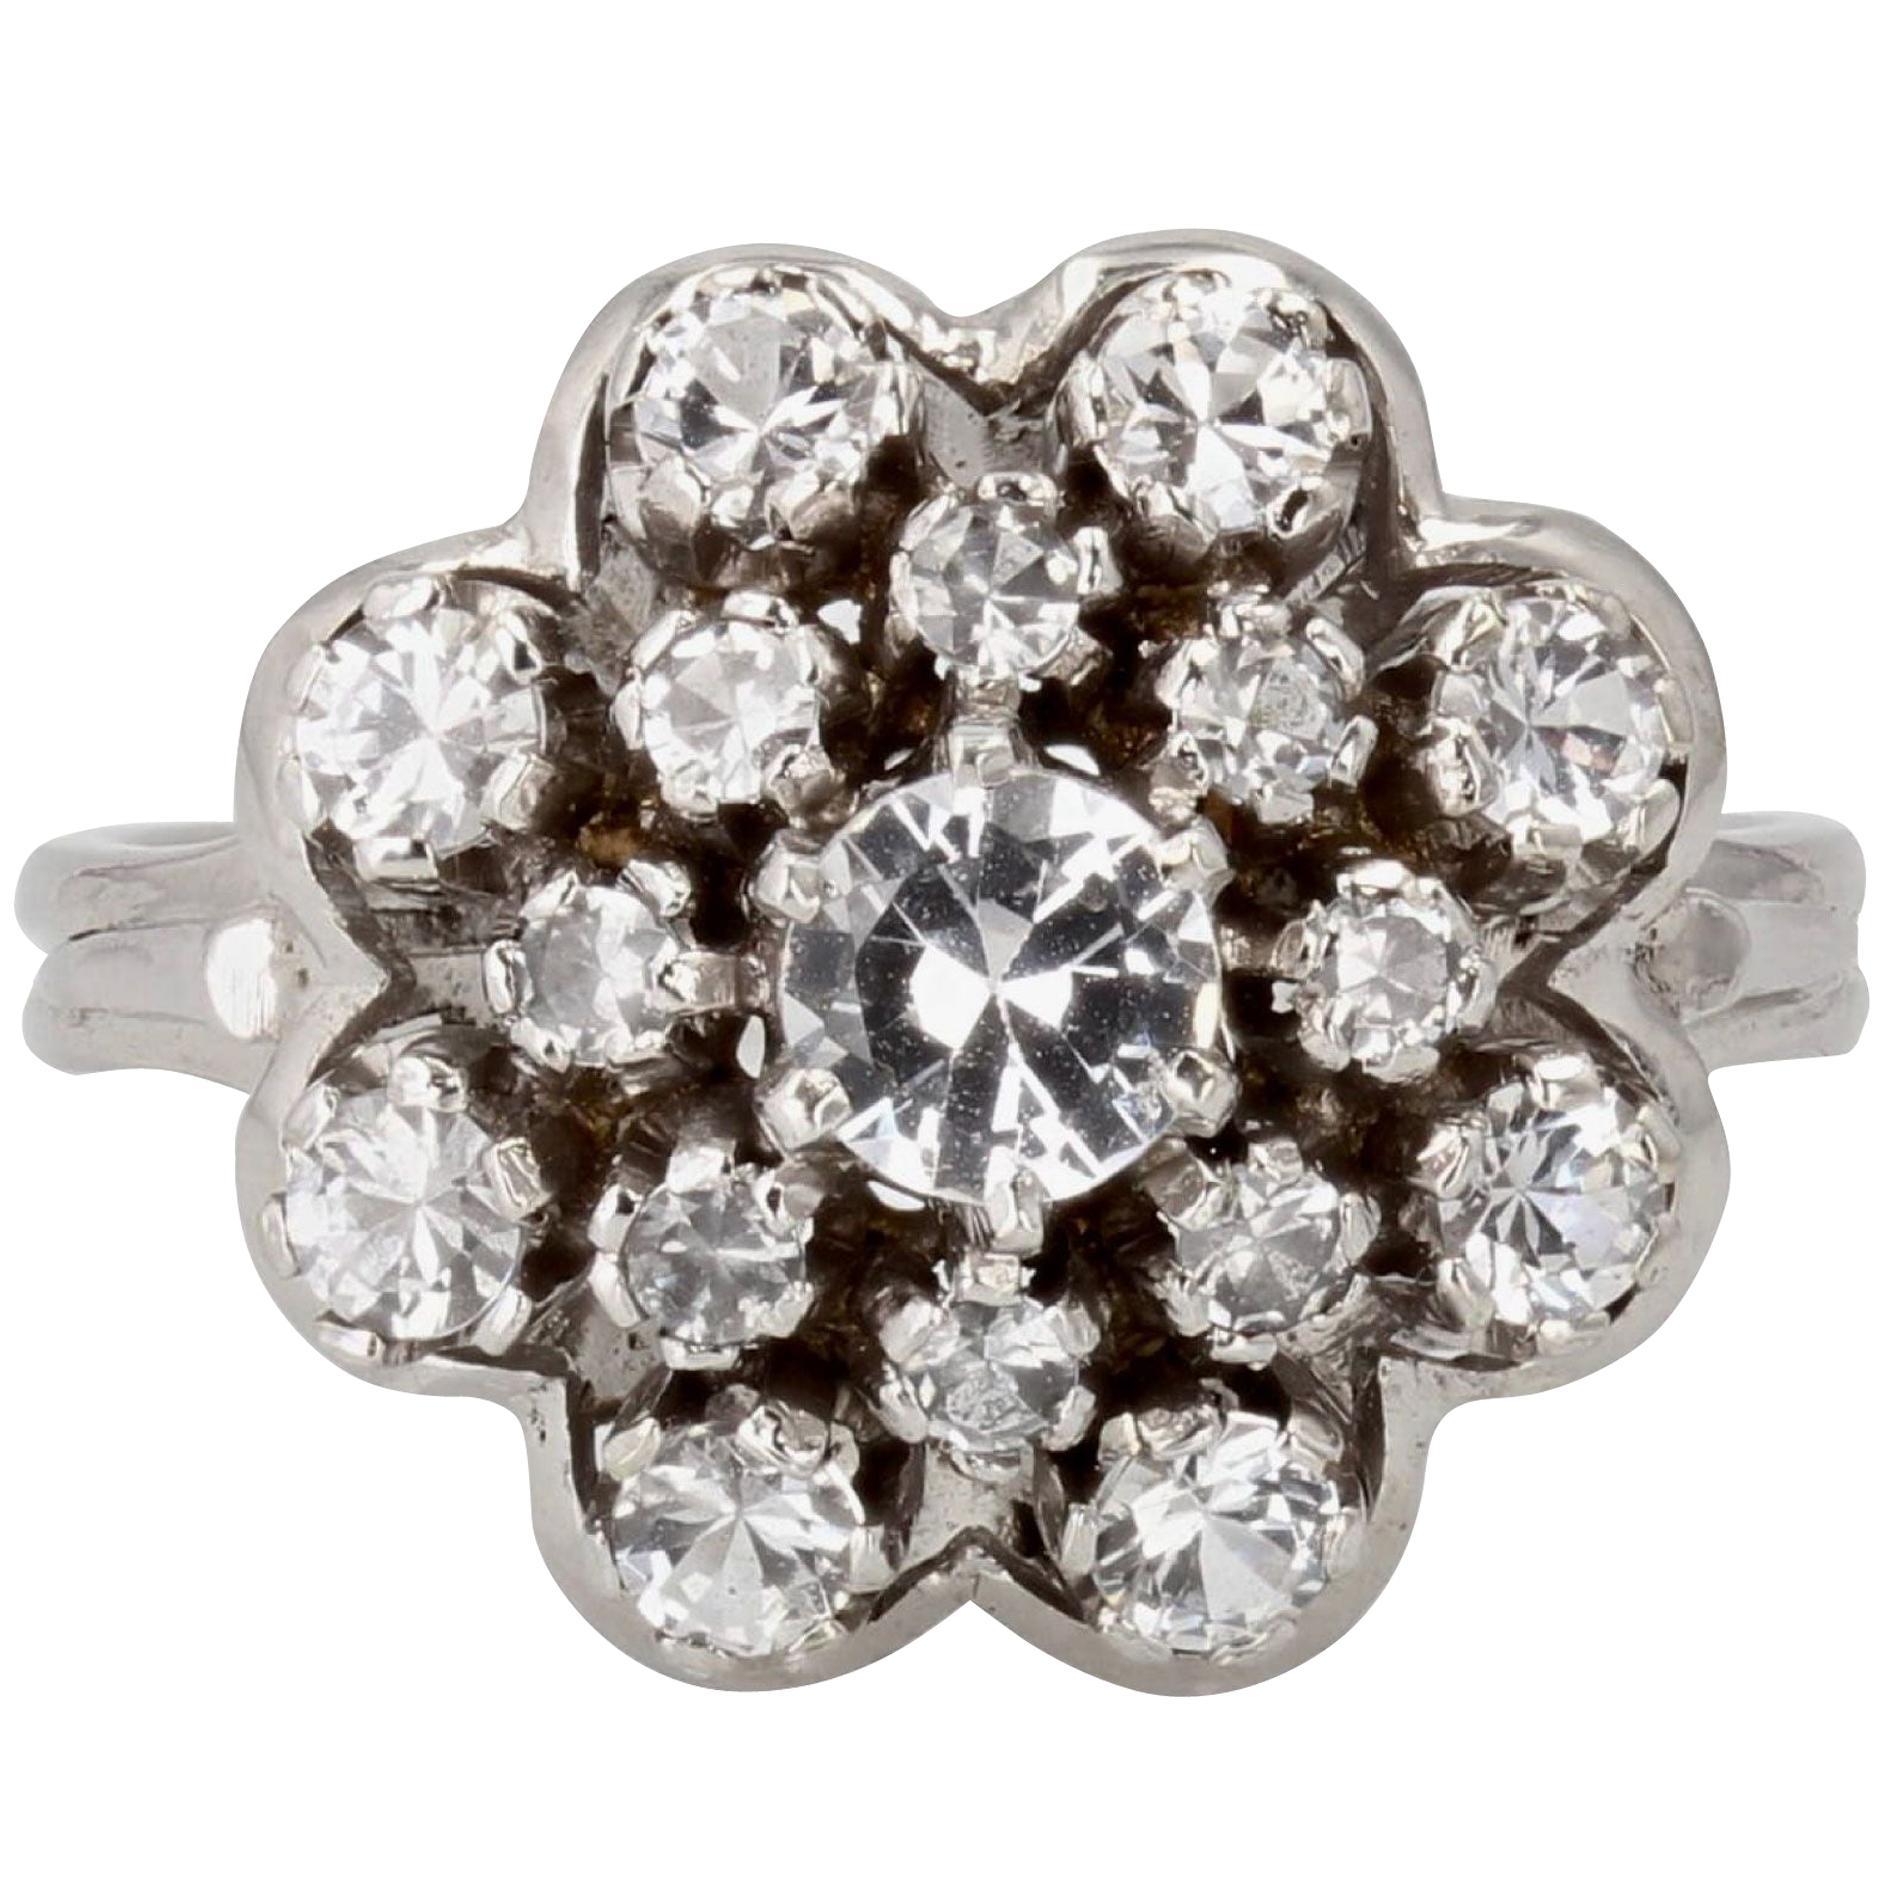 French 1960s 18 Karat White Gold White Sapphire Retro Ring